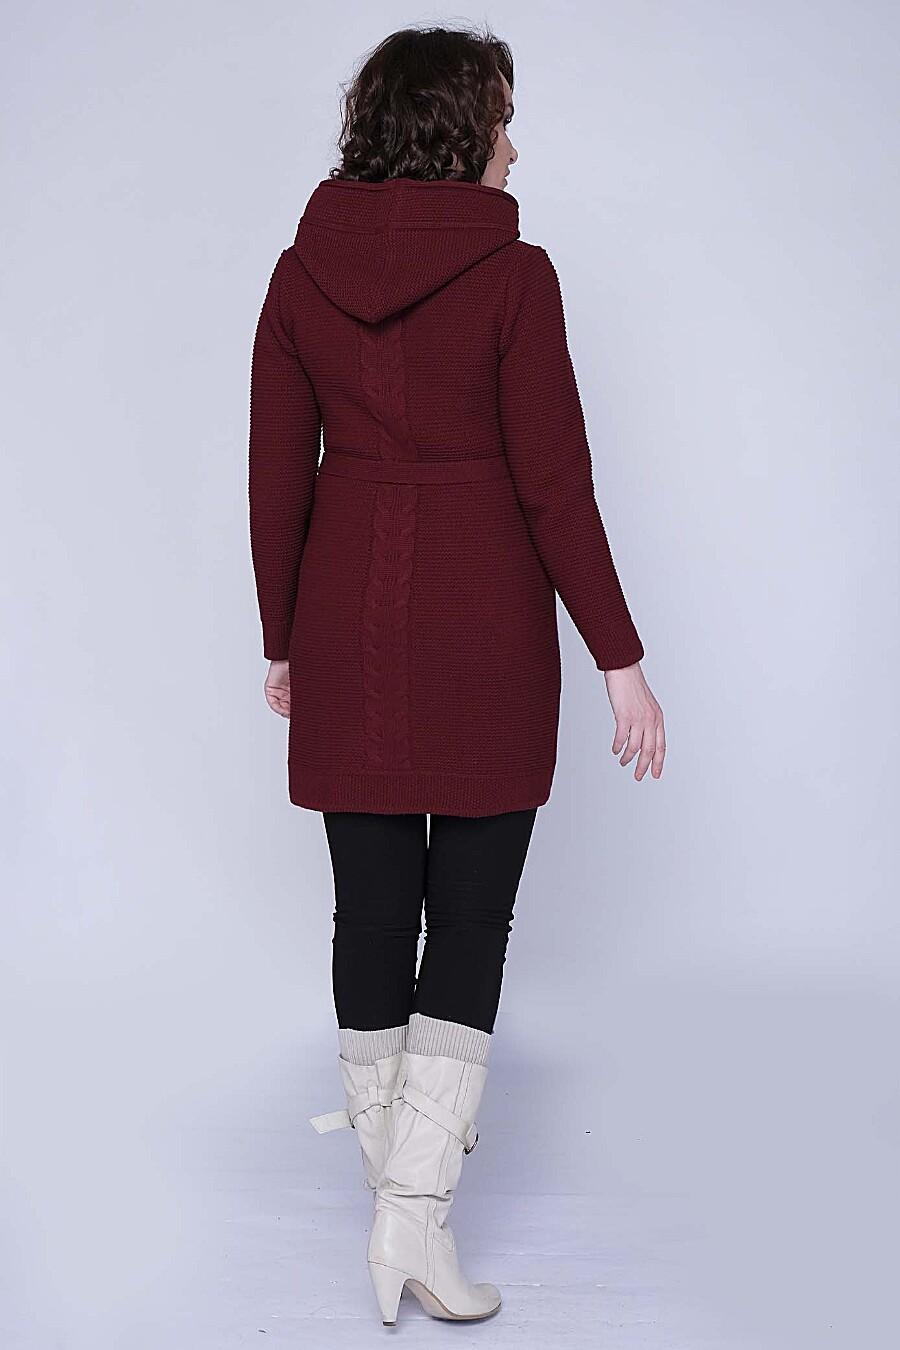 Кардиган для женщин ANKOLI 184453 купить оптом от производителя. Совместная покупка женской одежды в OptMoyo